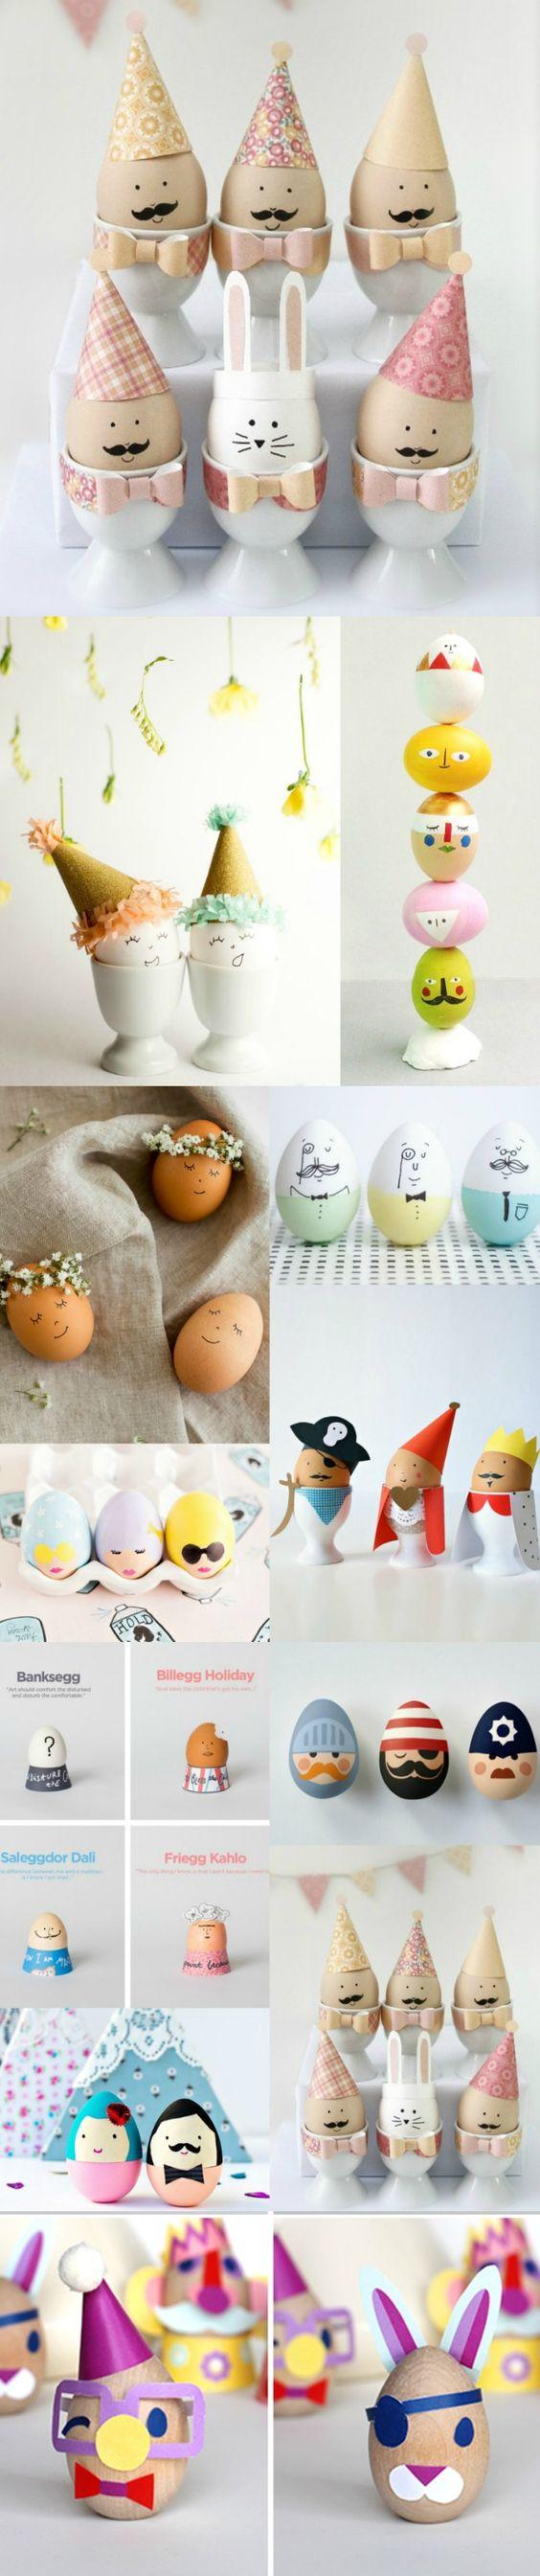 Egg people